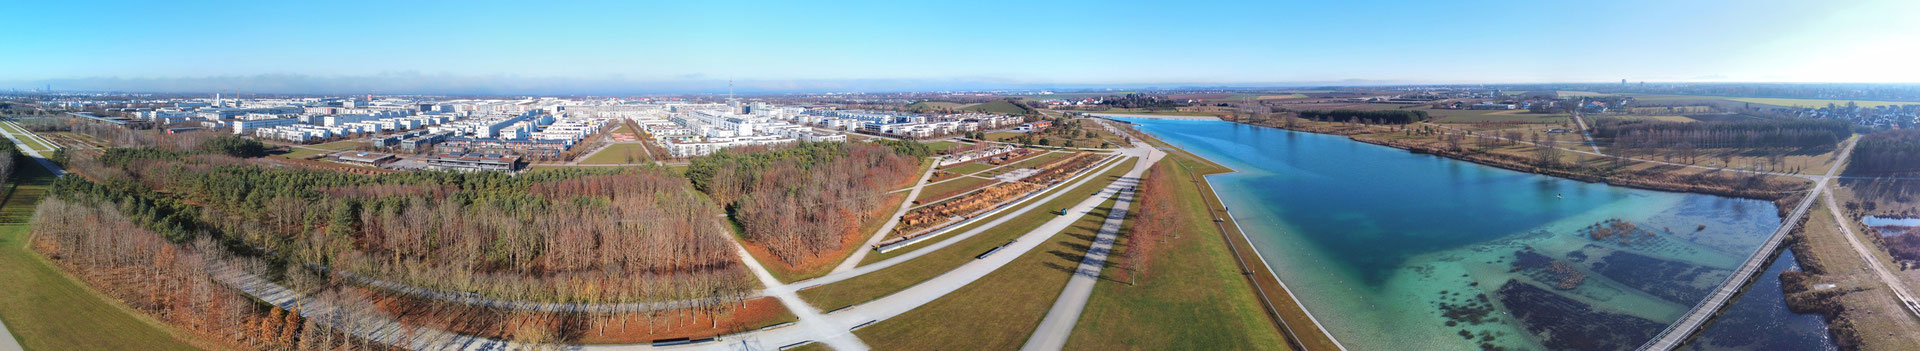 Panorama, Drohnenfoto, München Riem, BuGa-See, Riemer Park, Messestadt